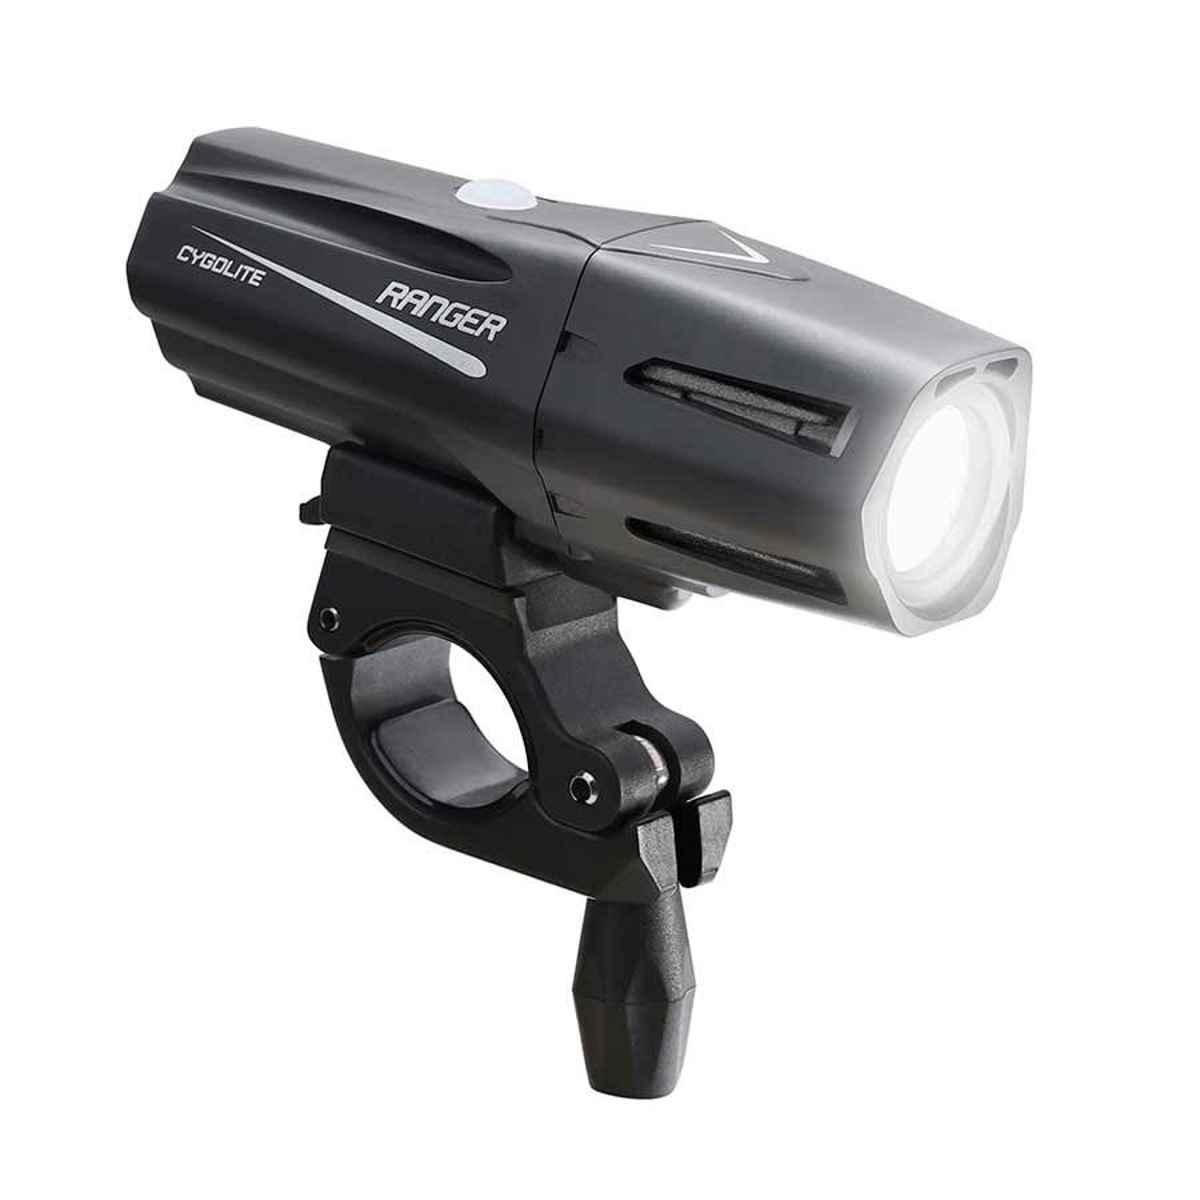 CygoLite Cygolite, Ranger 1400 USB, Light, Front, Black